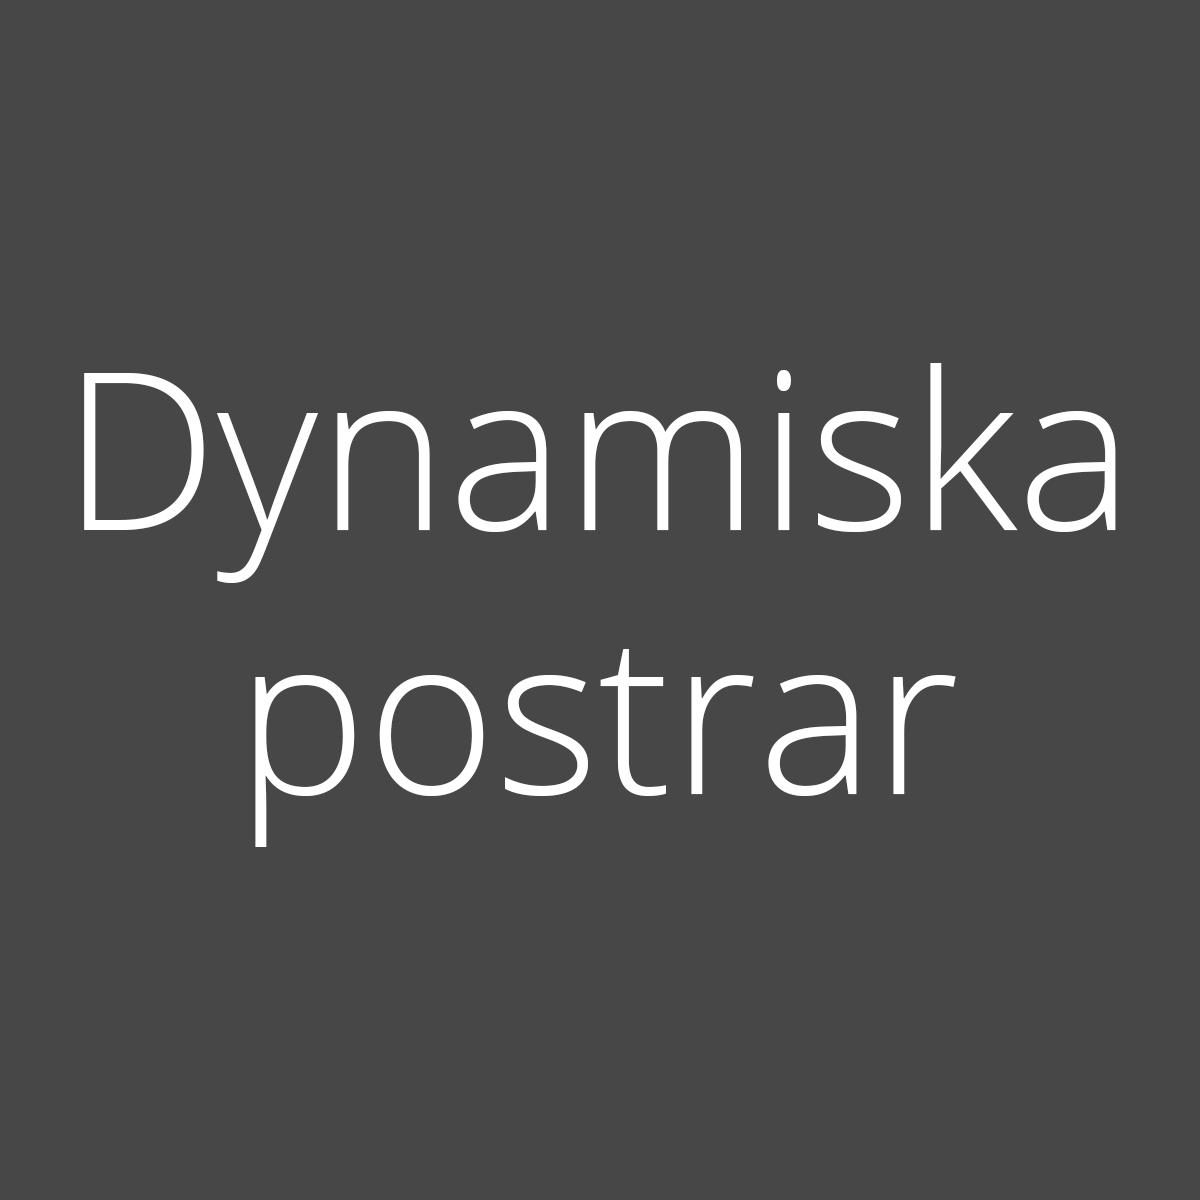 Dynamiska postrar